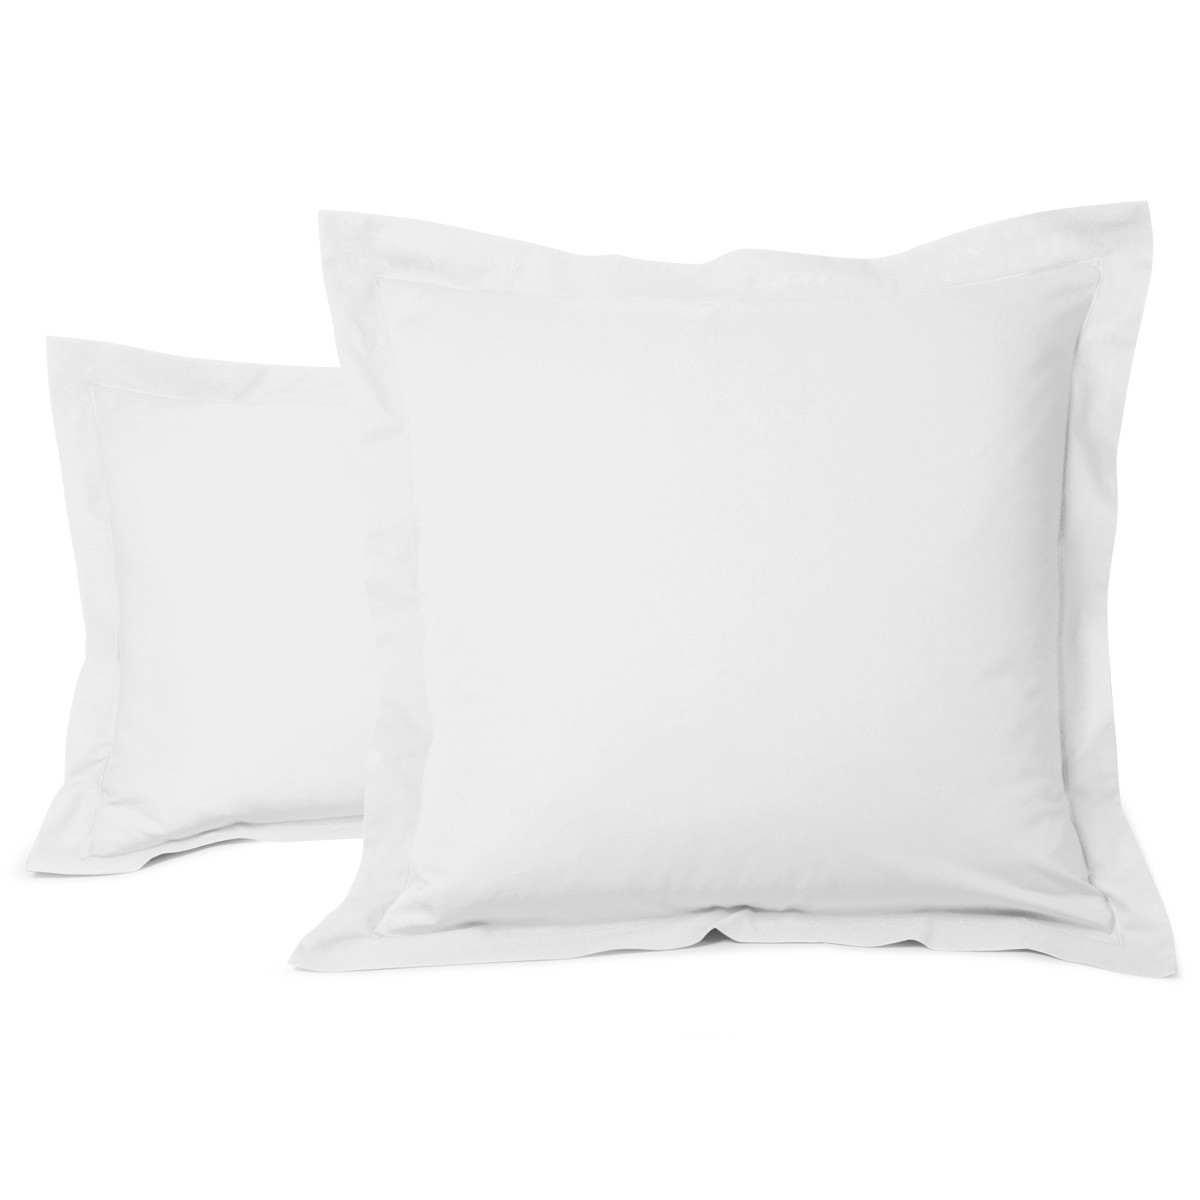 Taie Oreiller Unie Coton Blanc   Linge de lit   Tradition des vosges